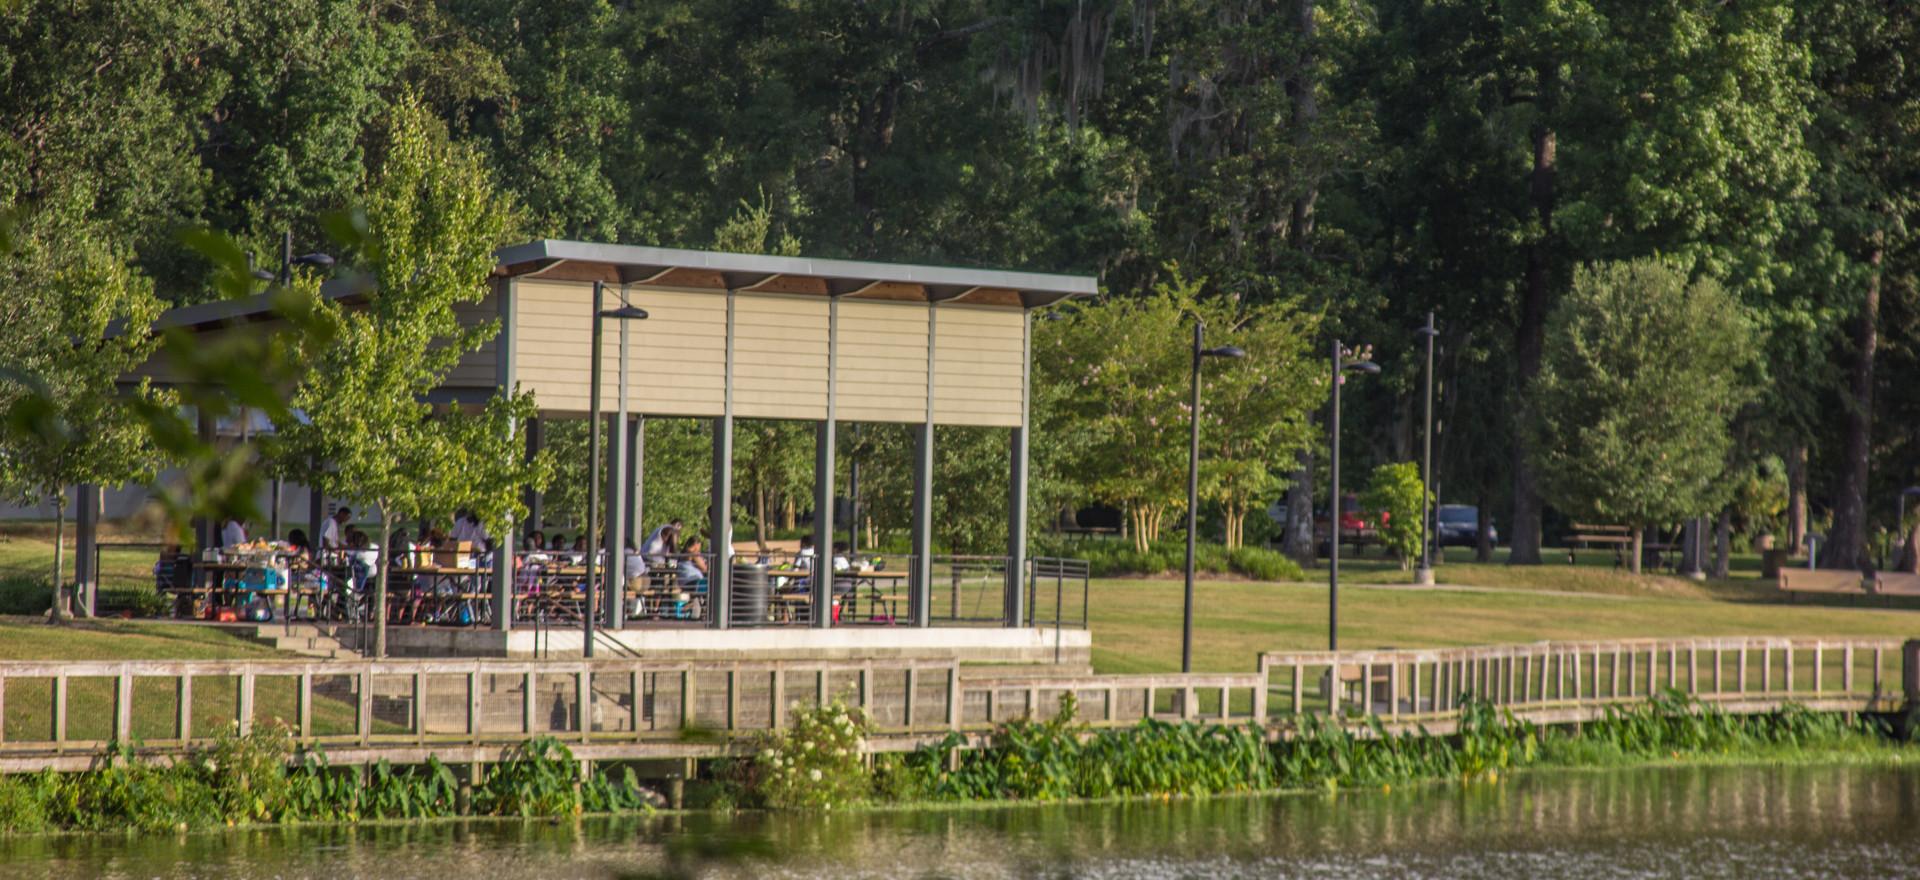 BREC Greenwood Park